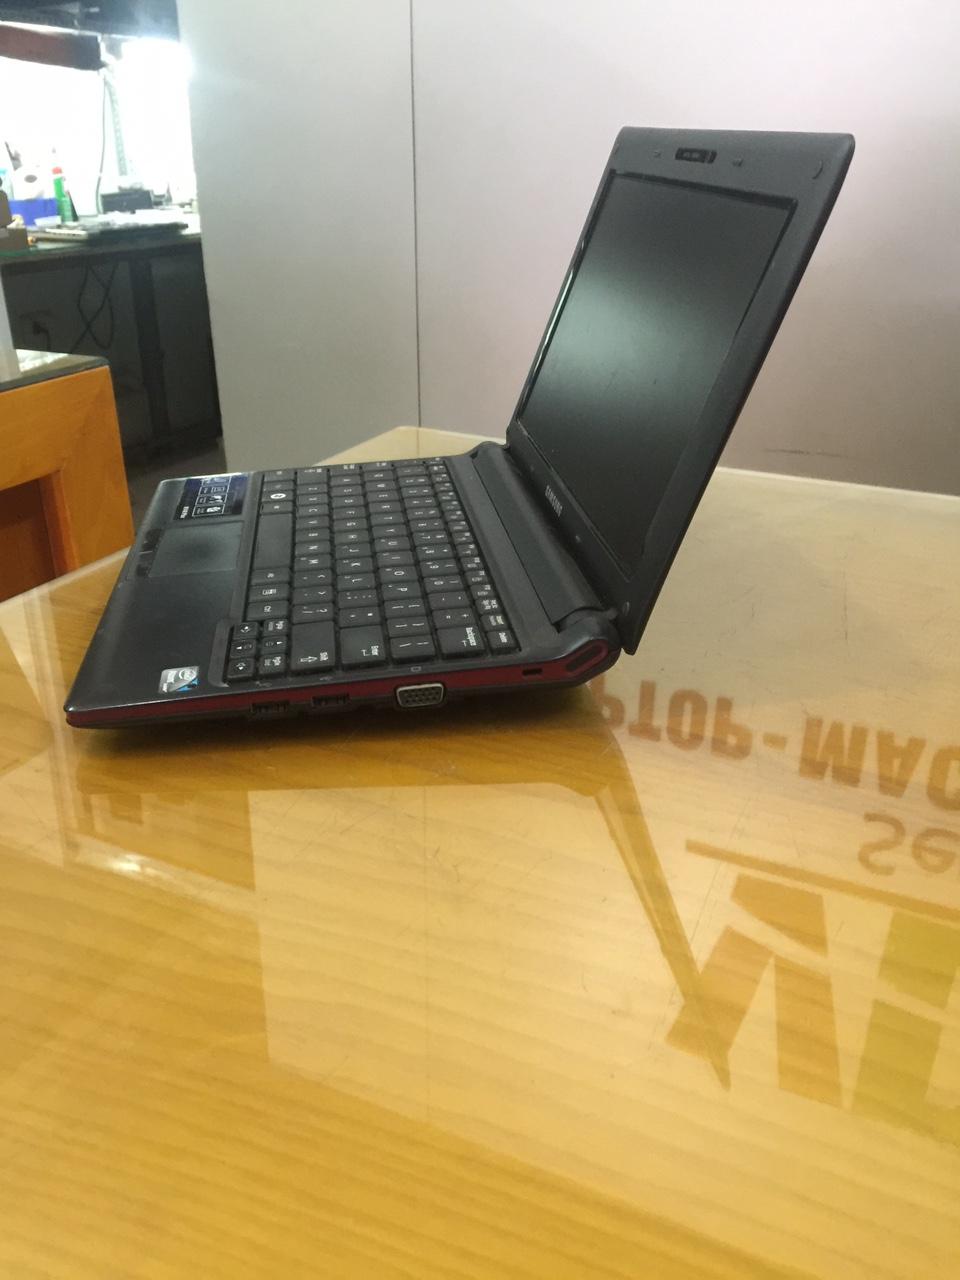 LAPTOP SamSung N148 Plus CPU N450 cache 1.66Ghz 1.67 GHz màn hình 11.6 inh